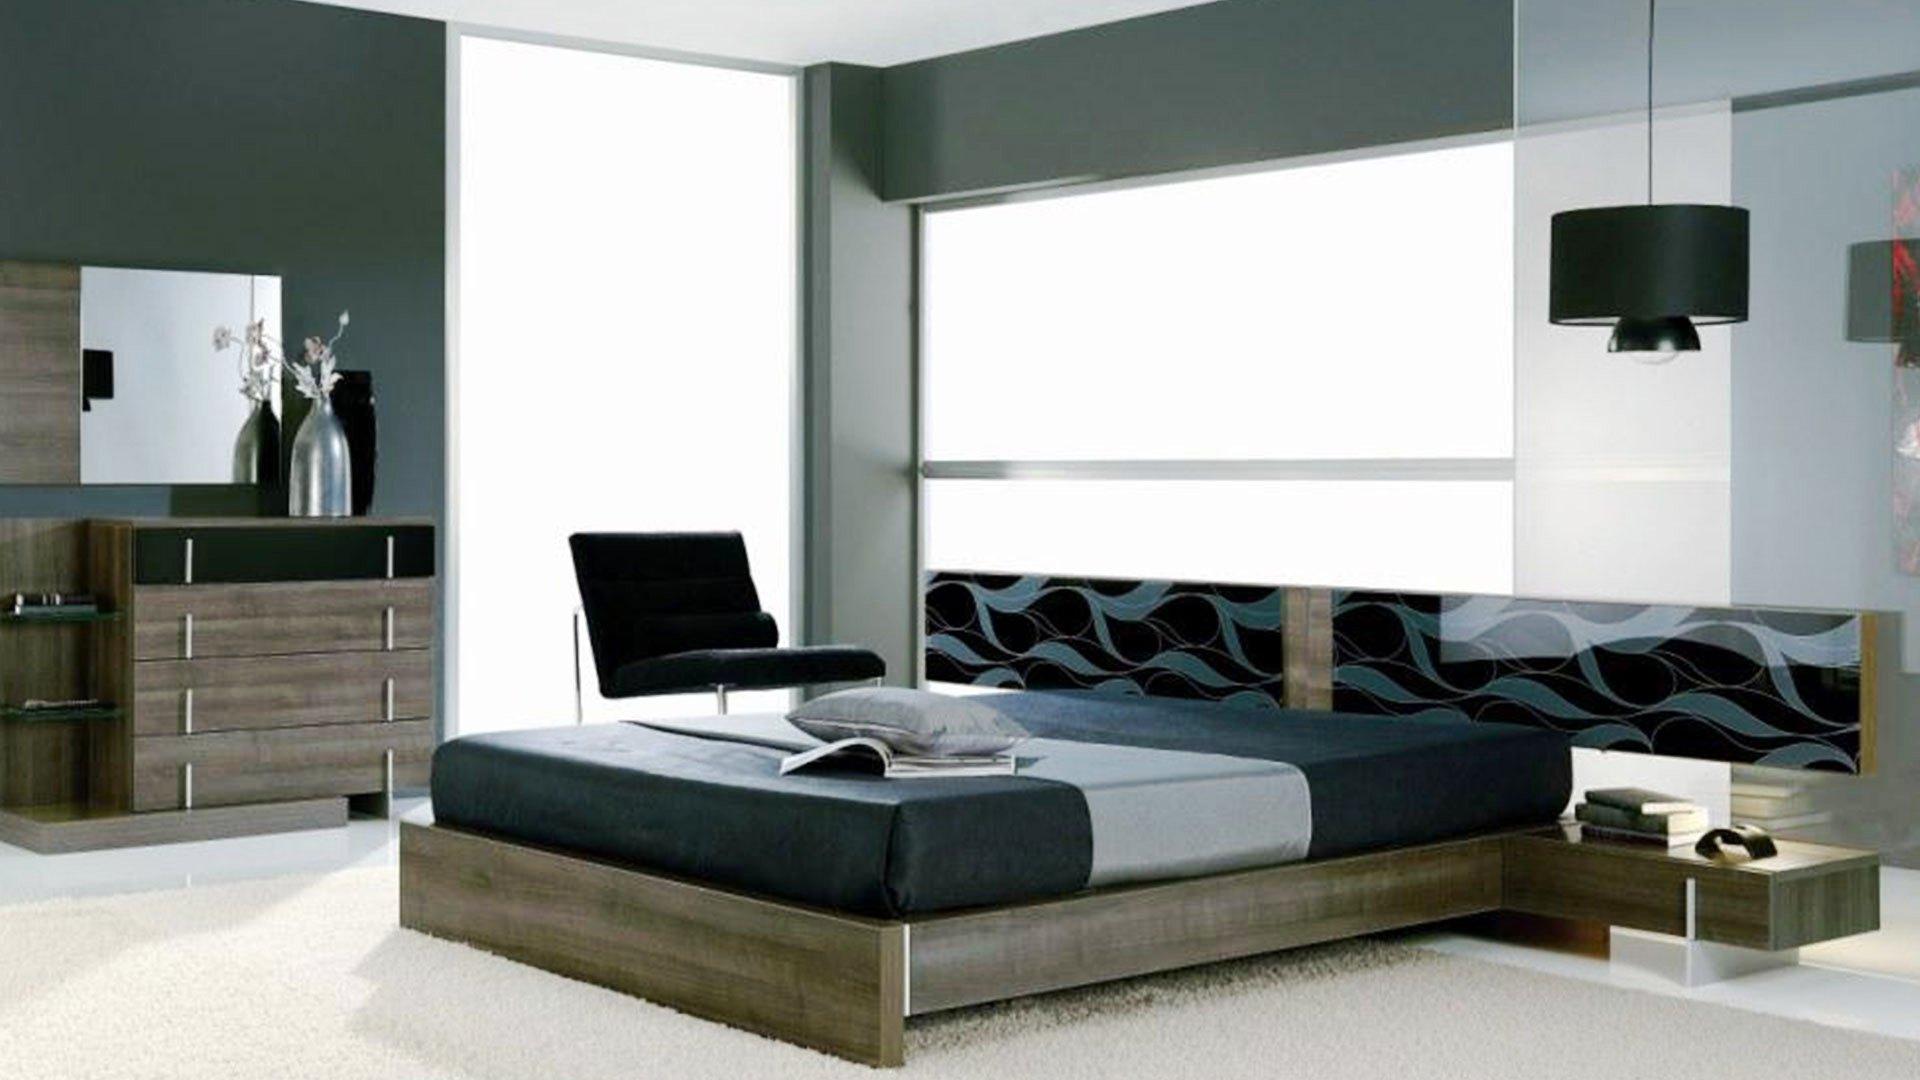 بالصور غرف نوم مودرن ايطالى , ديكورات انيقة لغرف النوم 3246 6